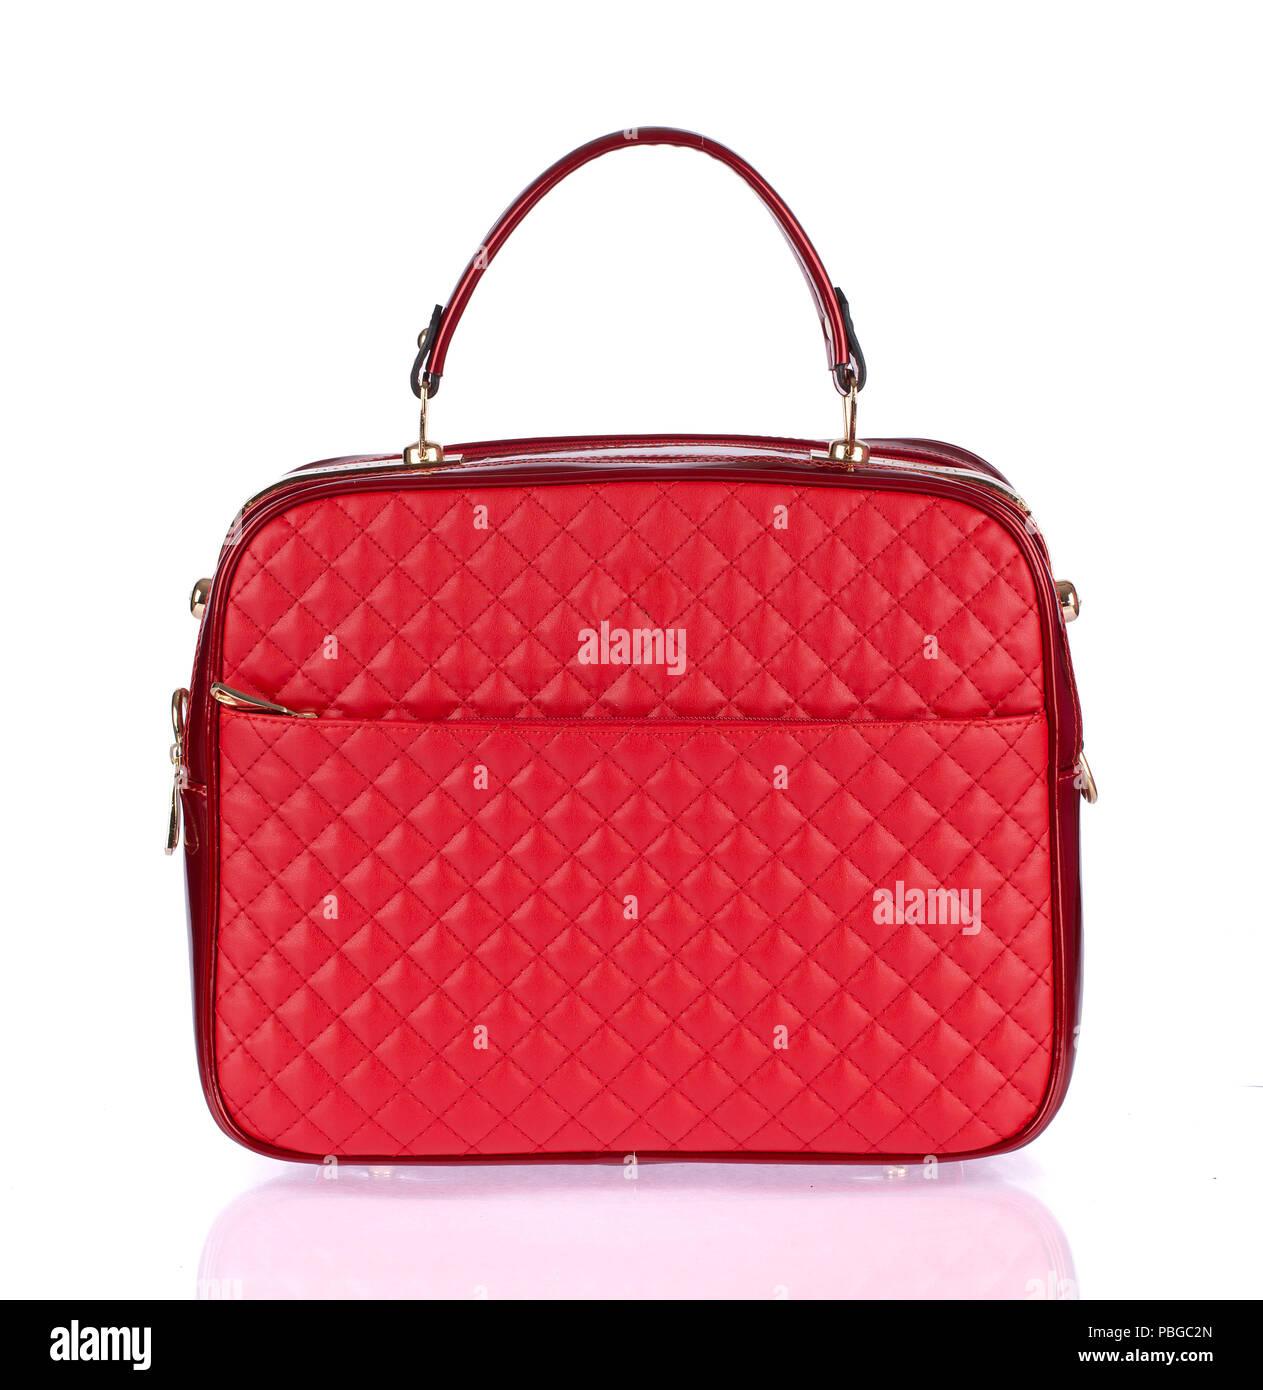 67015de4d2b92 Elegant women red bag isolated on white background Stock Photo ...